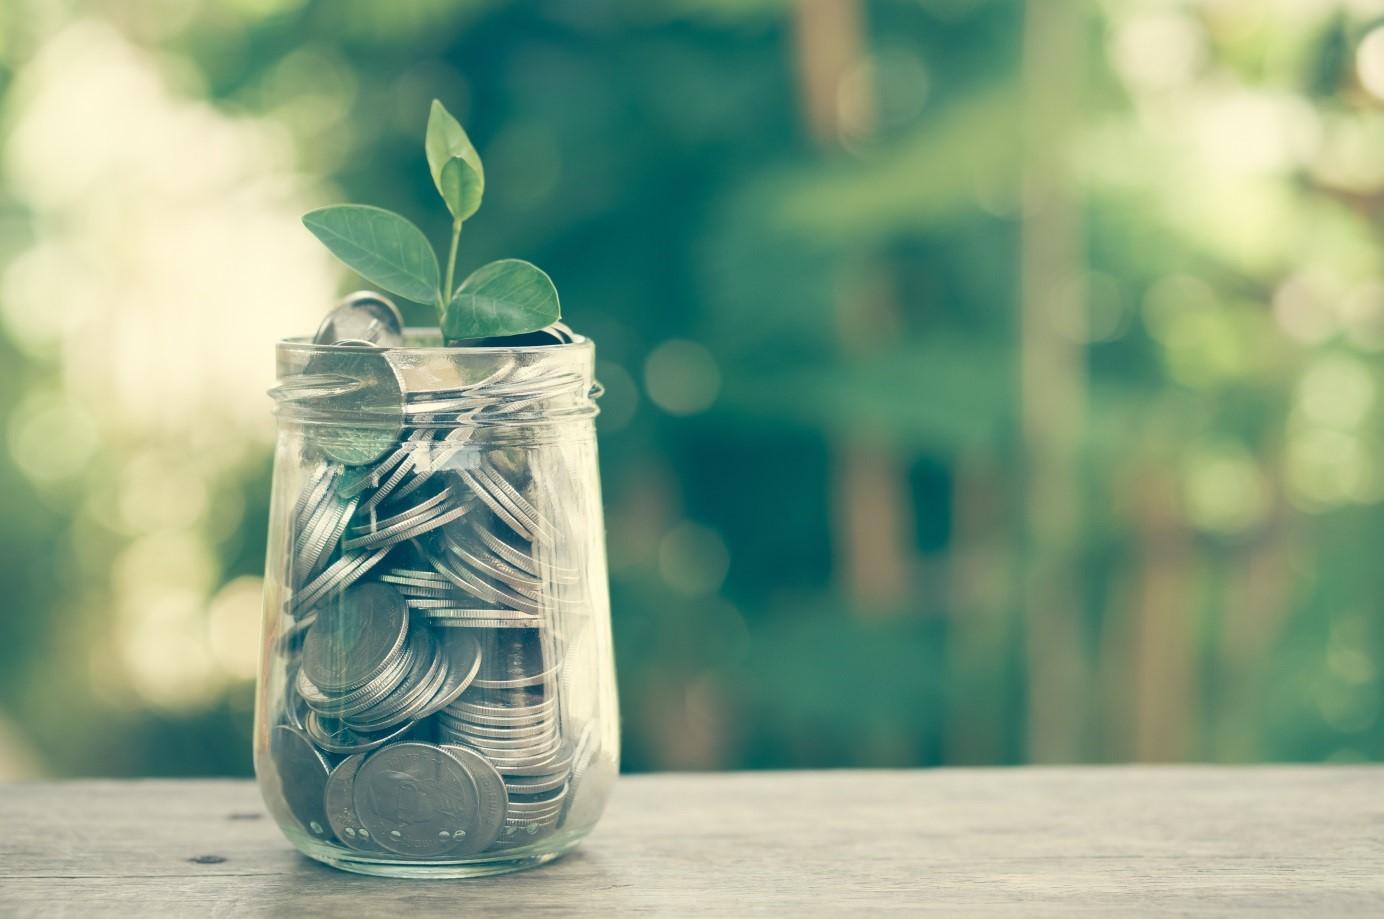 Chwilówka dla emeryta – wszystko, co trzeba o niej wiedzieć